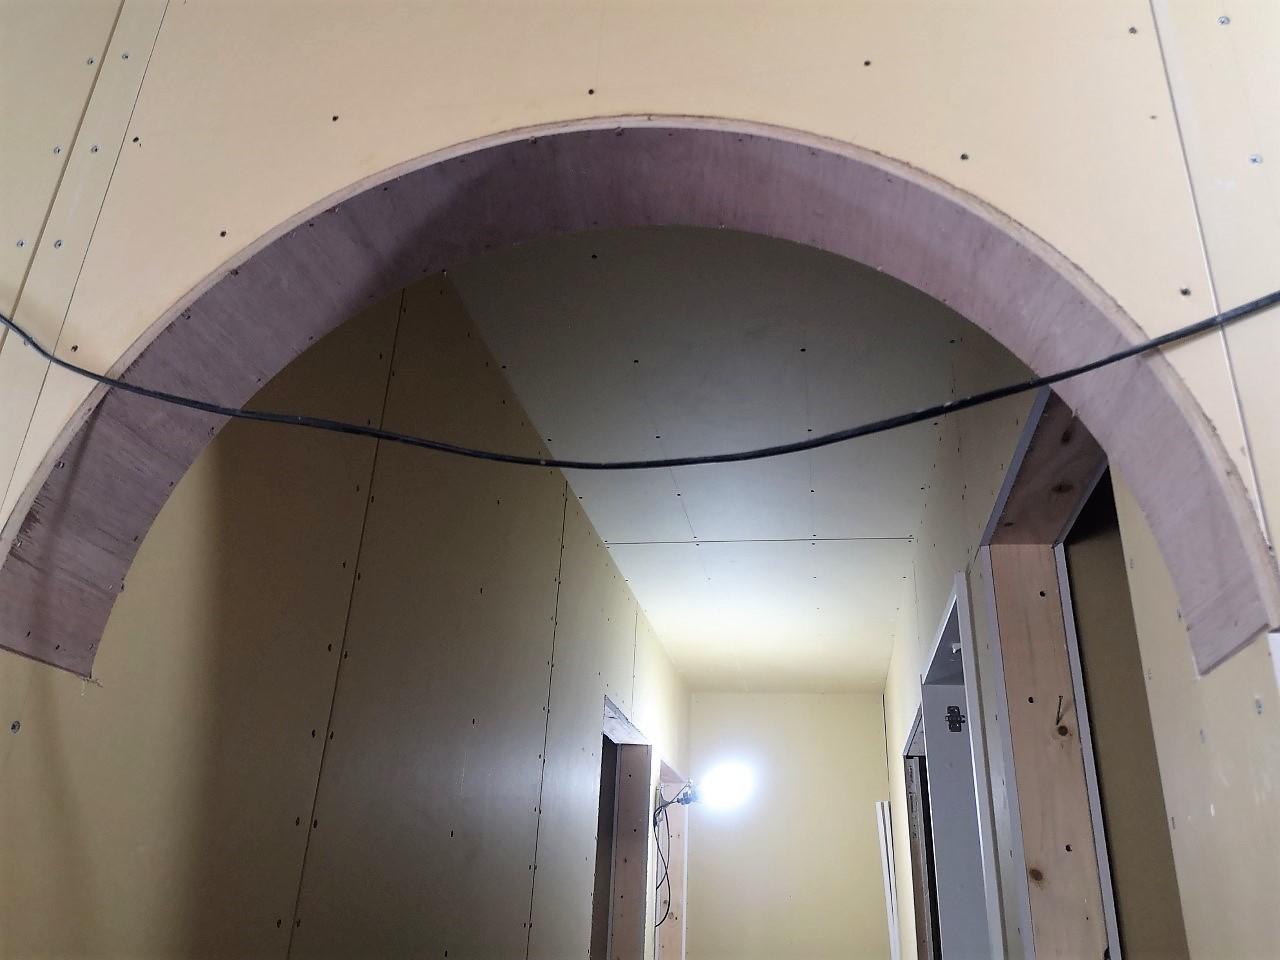 Rタレ壁9